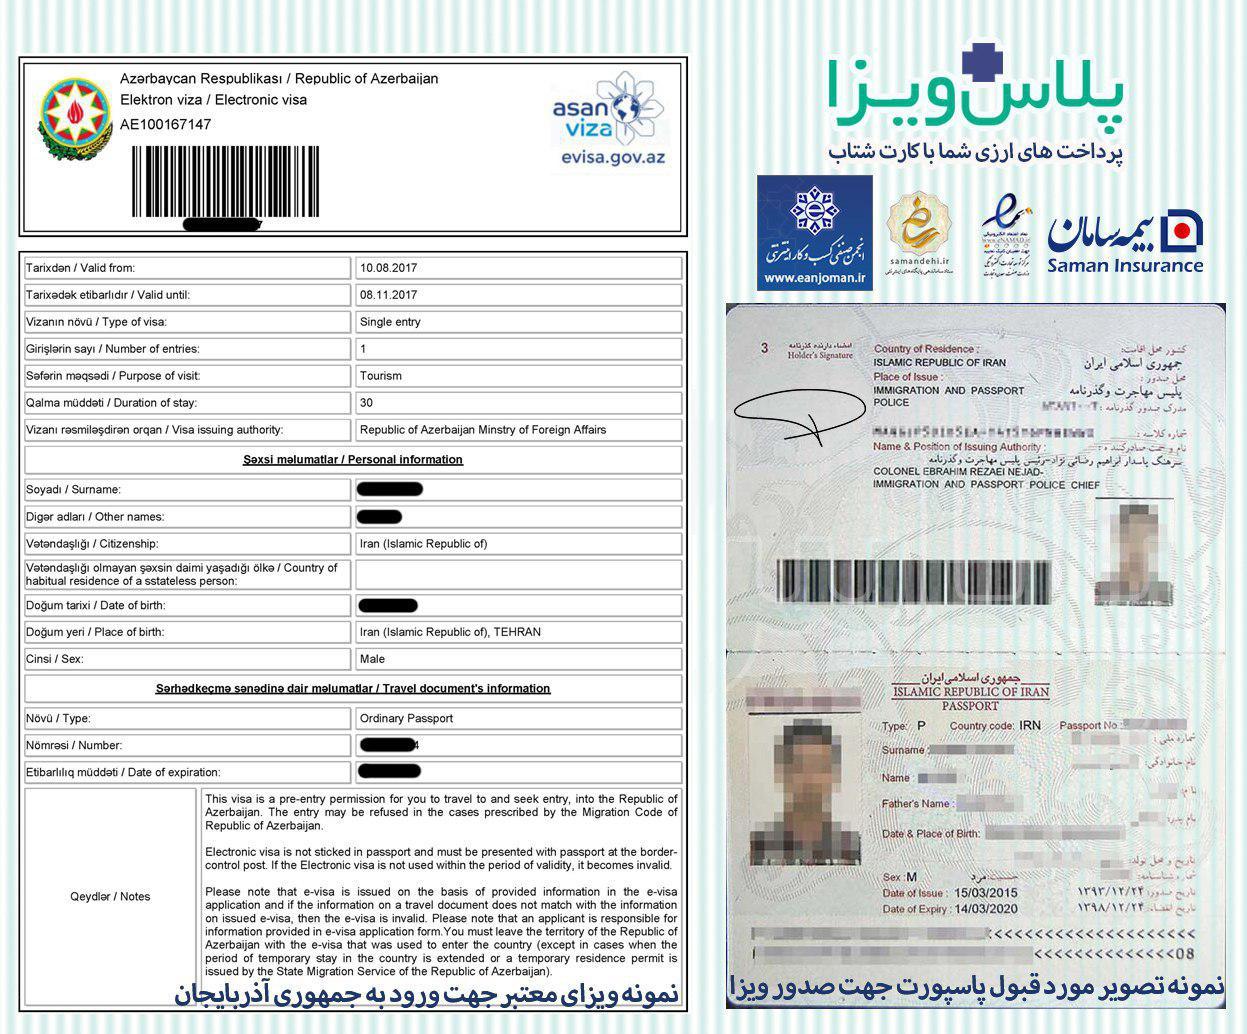 ویزای فوری و عادی آذربایجان باکو